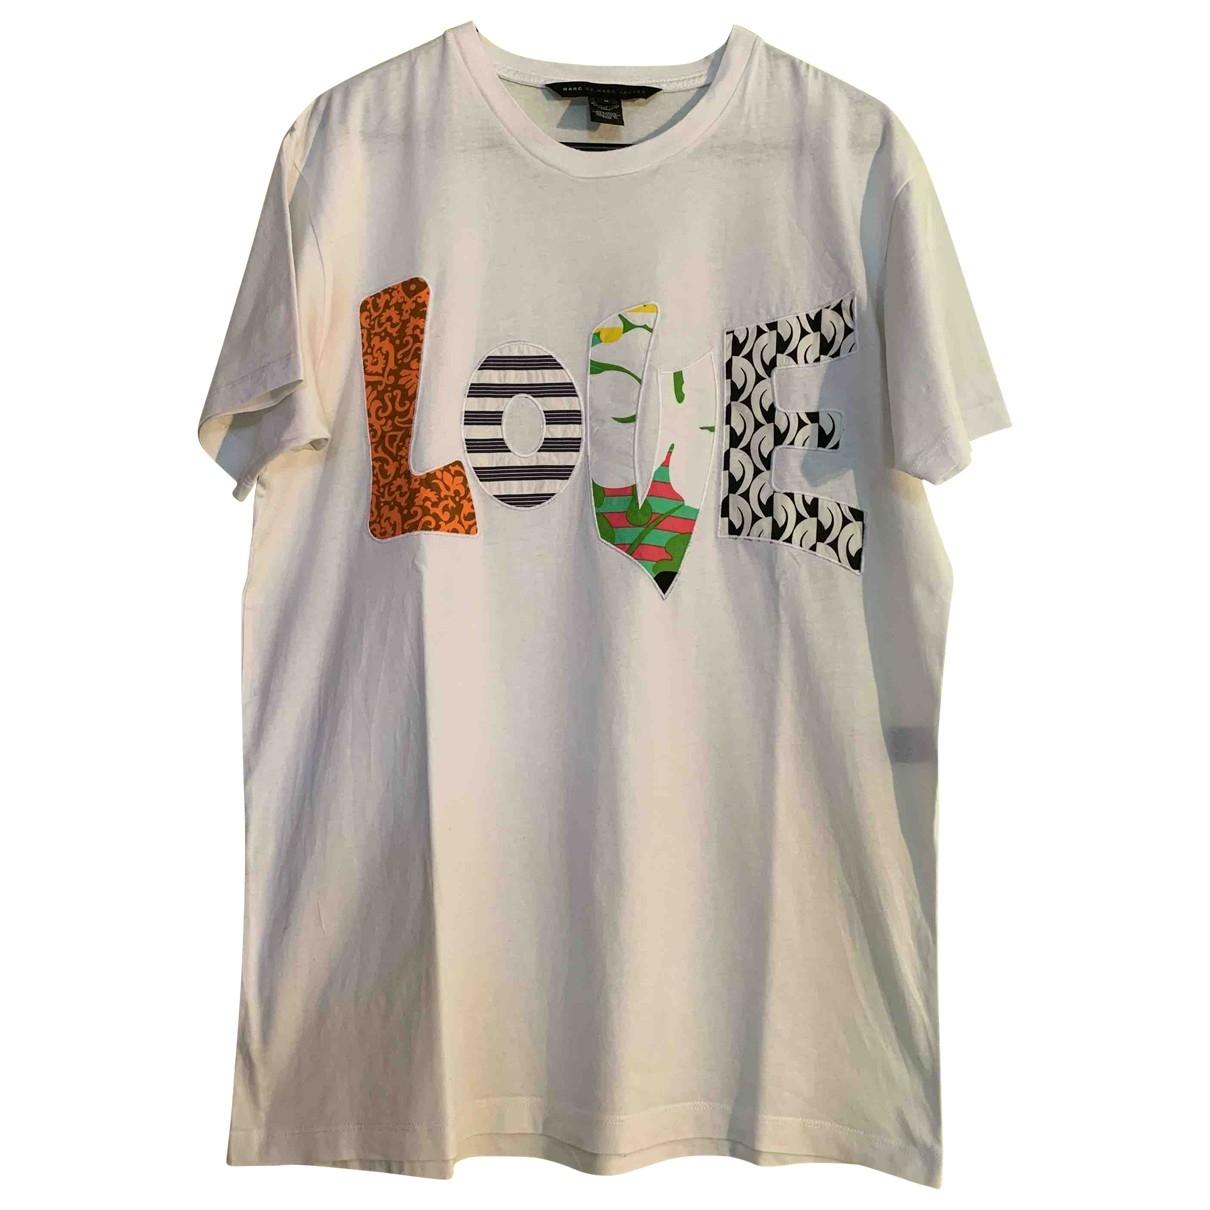 Marc By Marc Jacobs - Tee shirts   pour homme en coton - multicolore